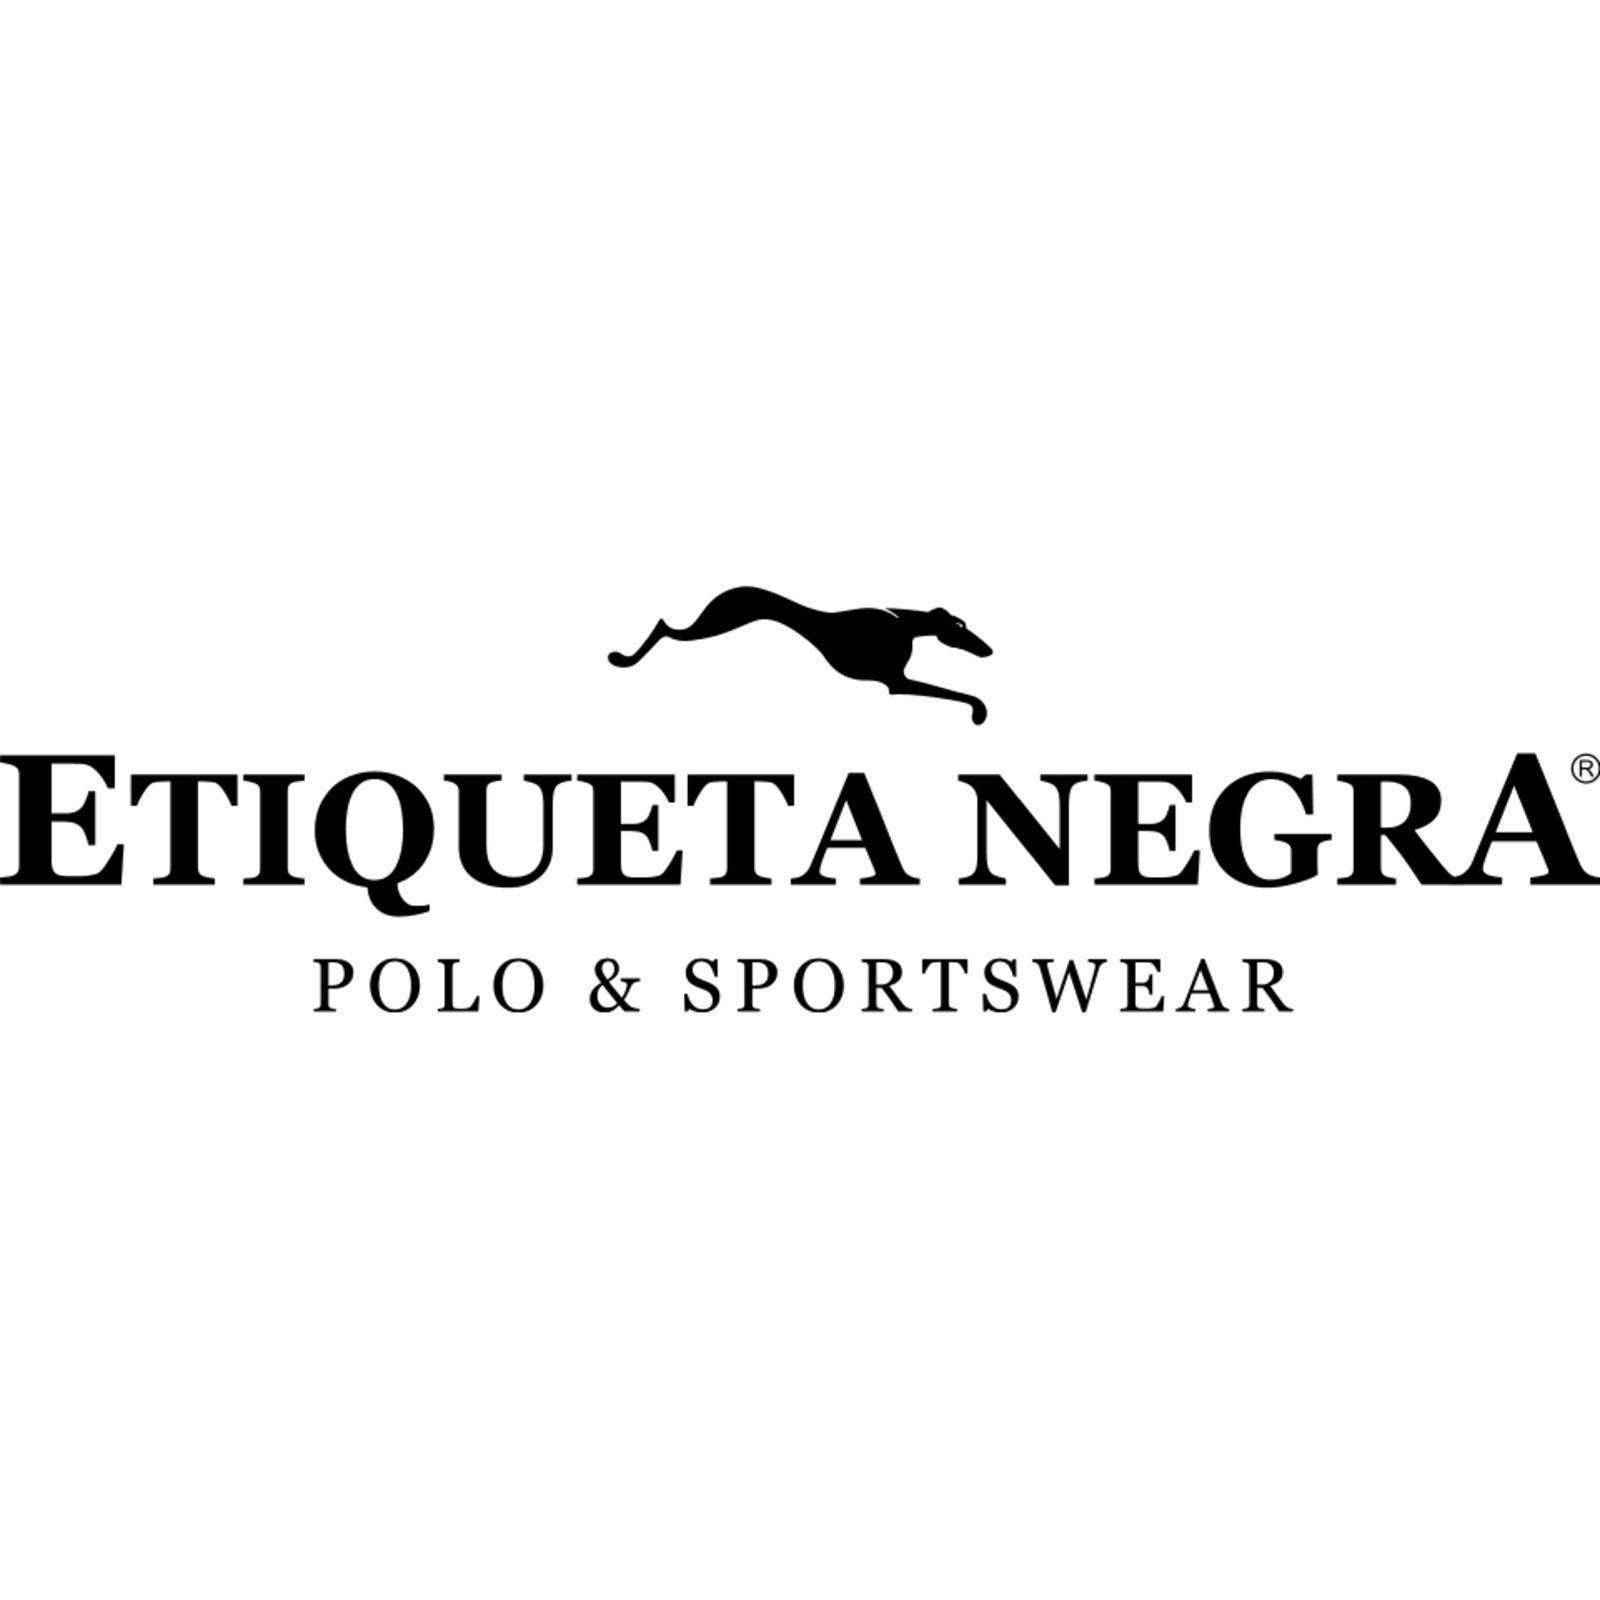 ETIQUETA NEGRA POLO & SPORTSWEAR (Bild 1)